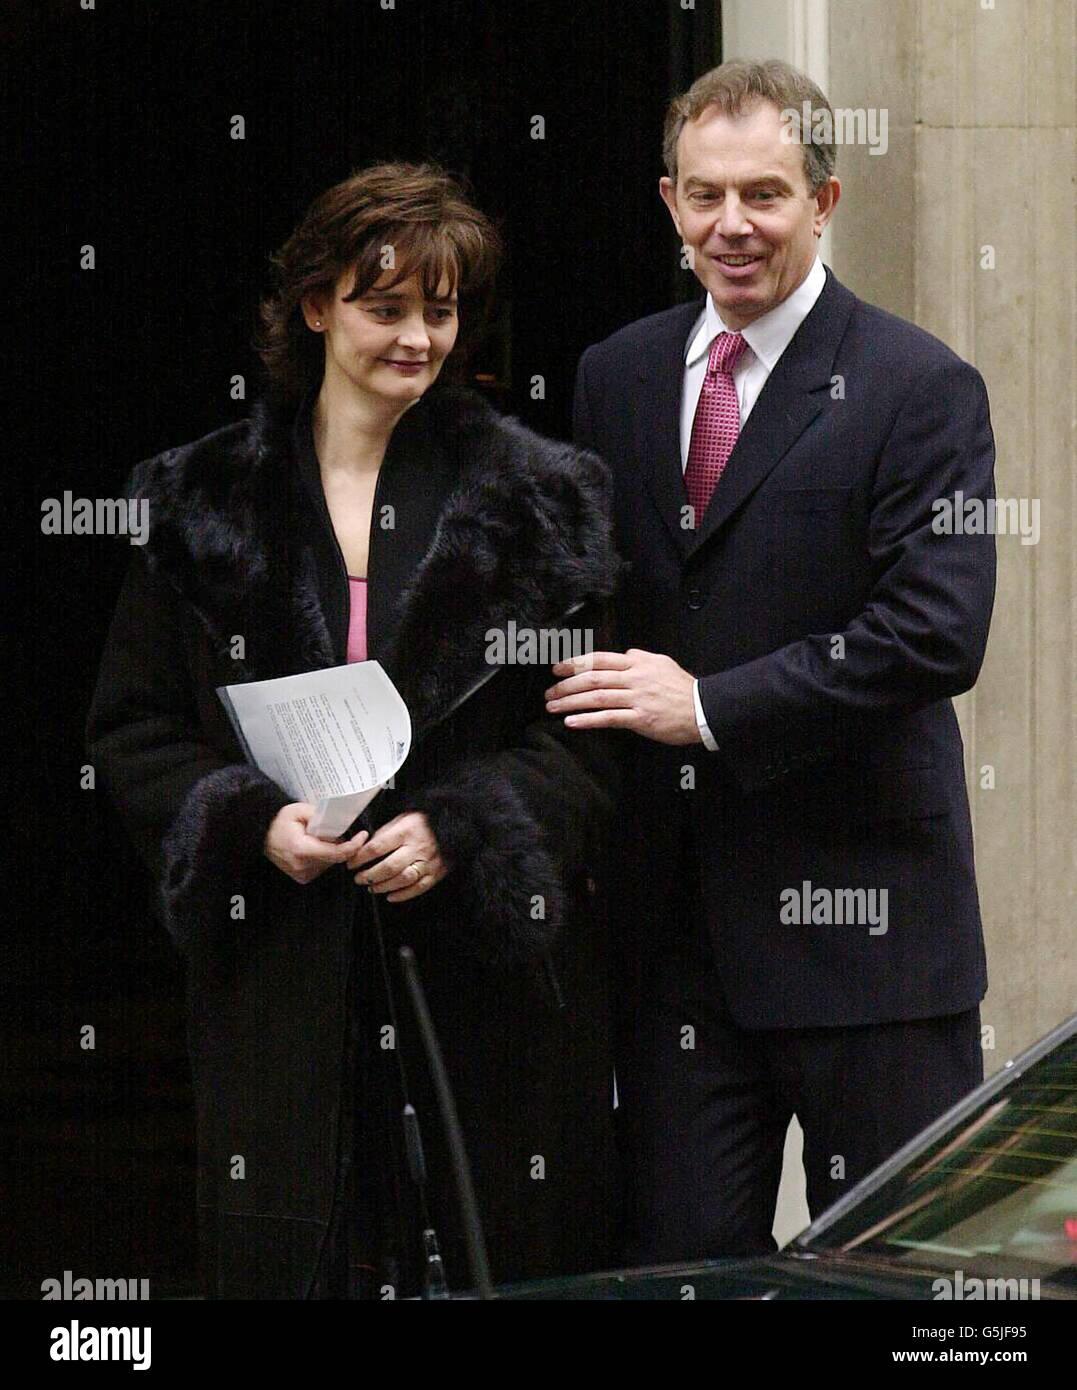 Blair to meet Damilola Taylor's parents - Stock Image